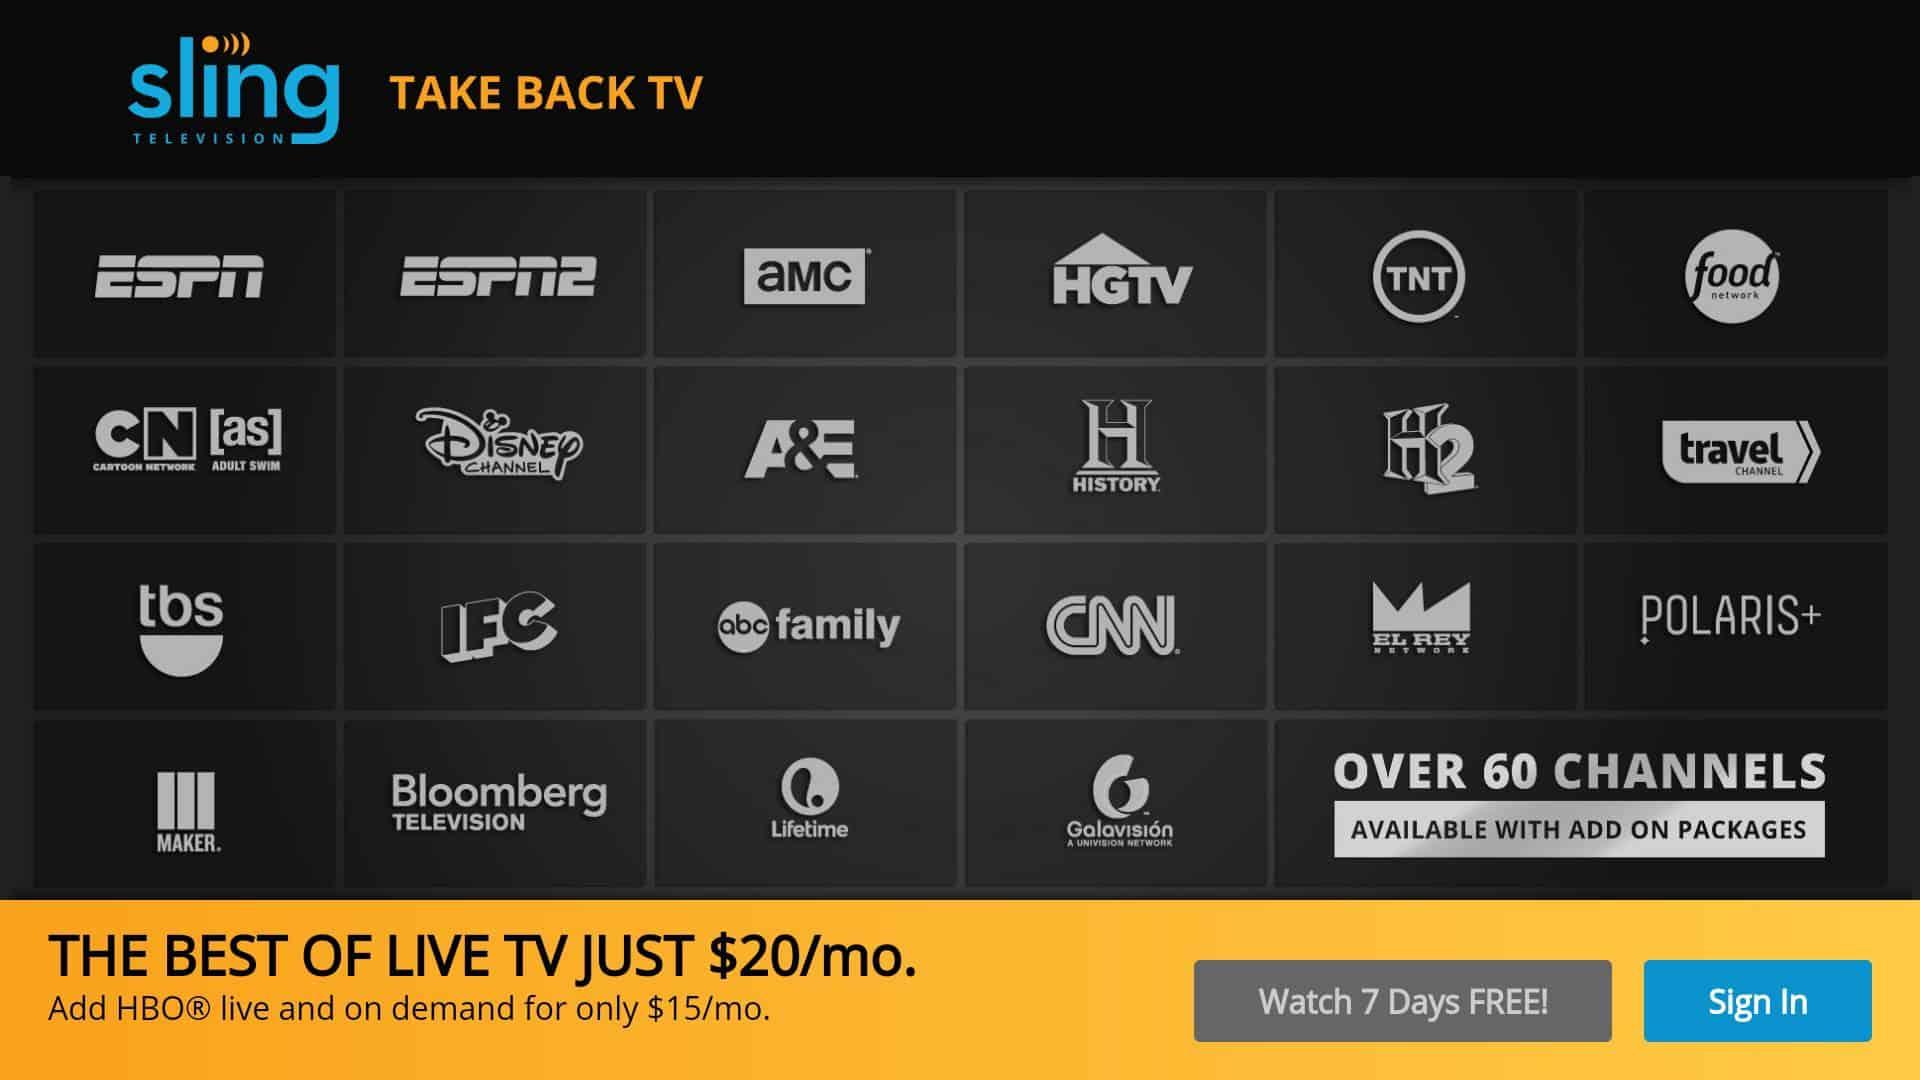 SLING TV ATV